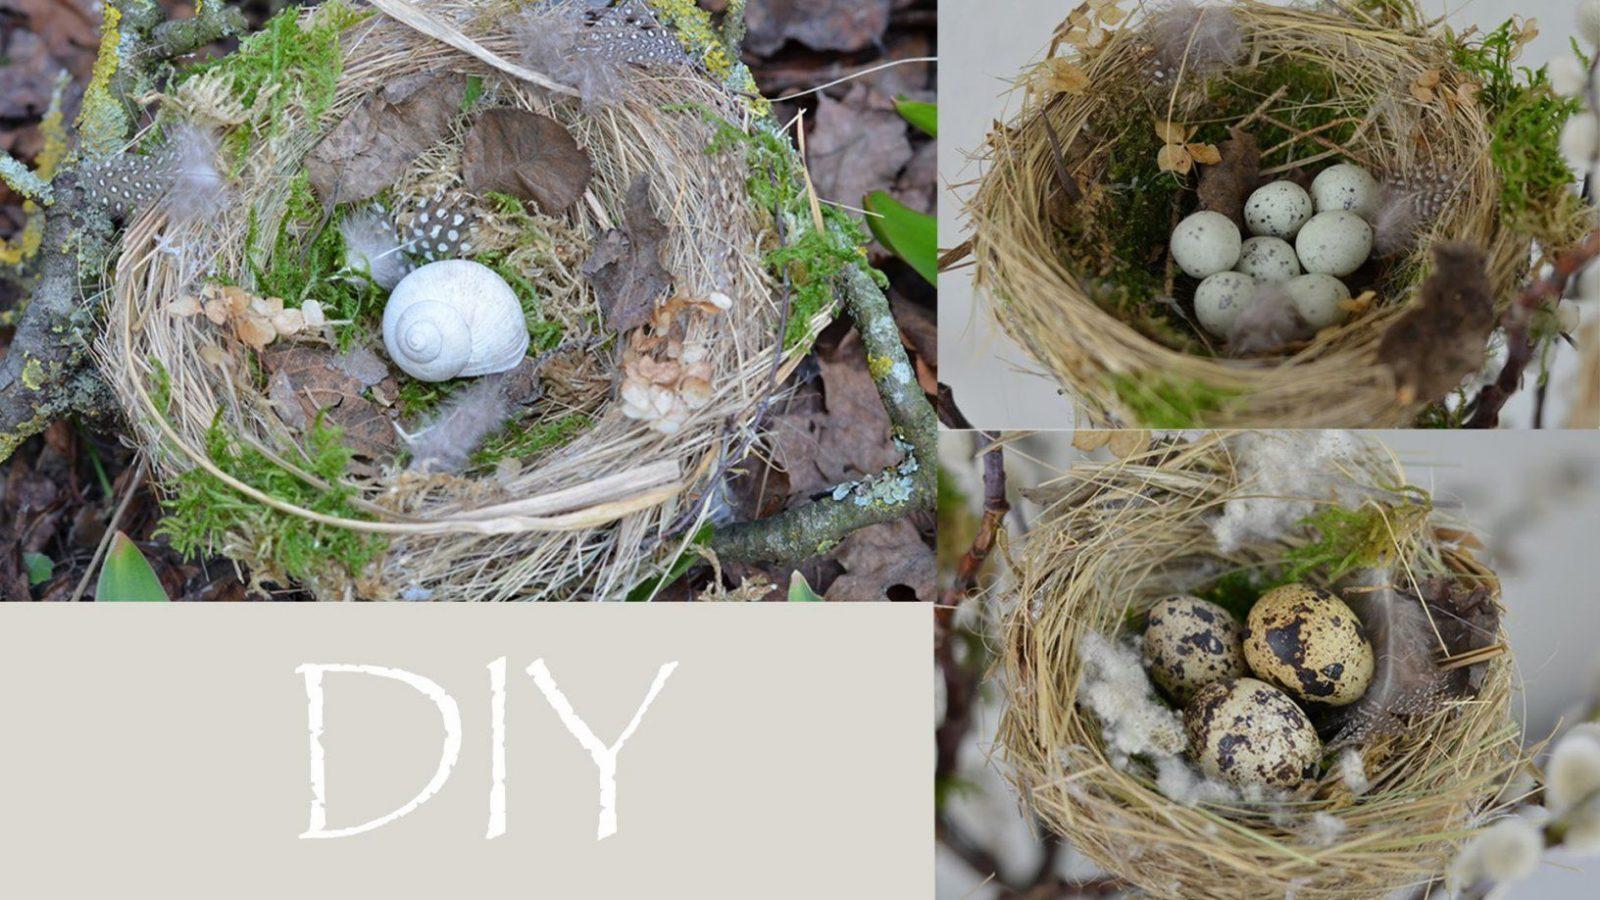 Diy  Frühlingsdeko Selber Machen  Vogelnest Aus Naturmaterial von Frühlingsdeko Basteln Mit Naturmaterialien Bild